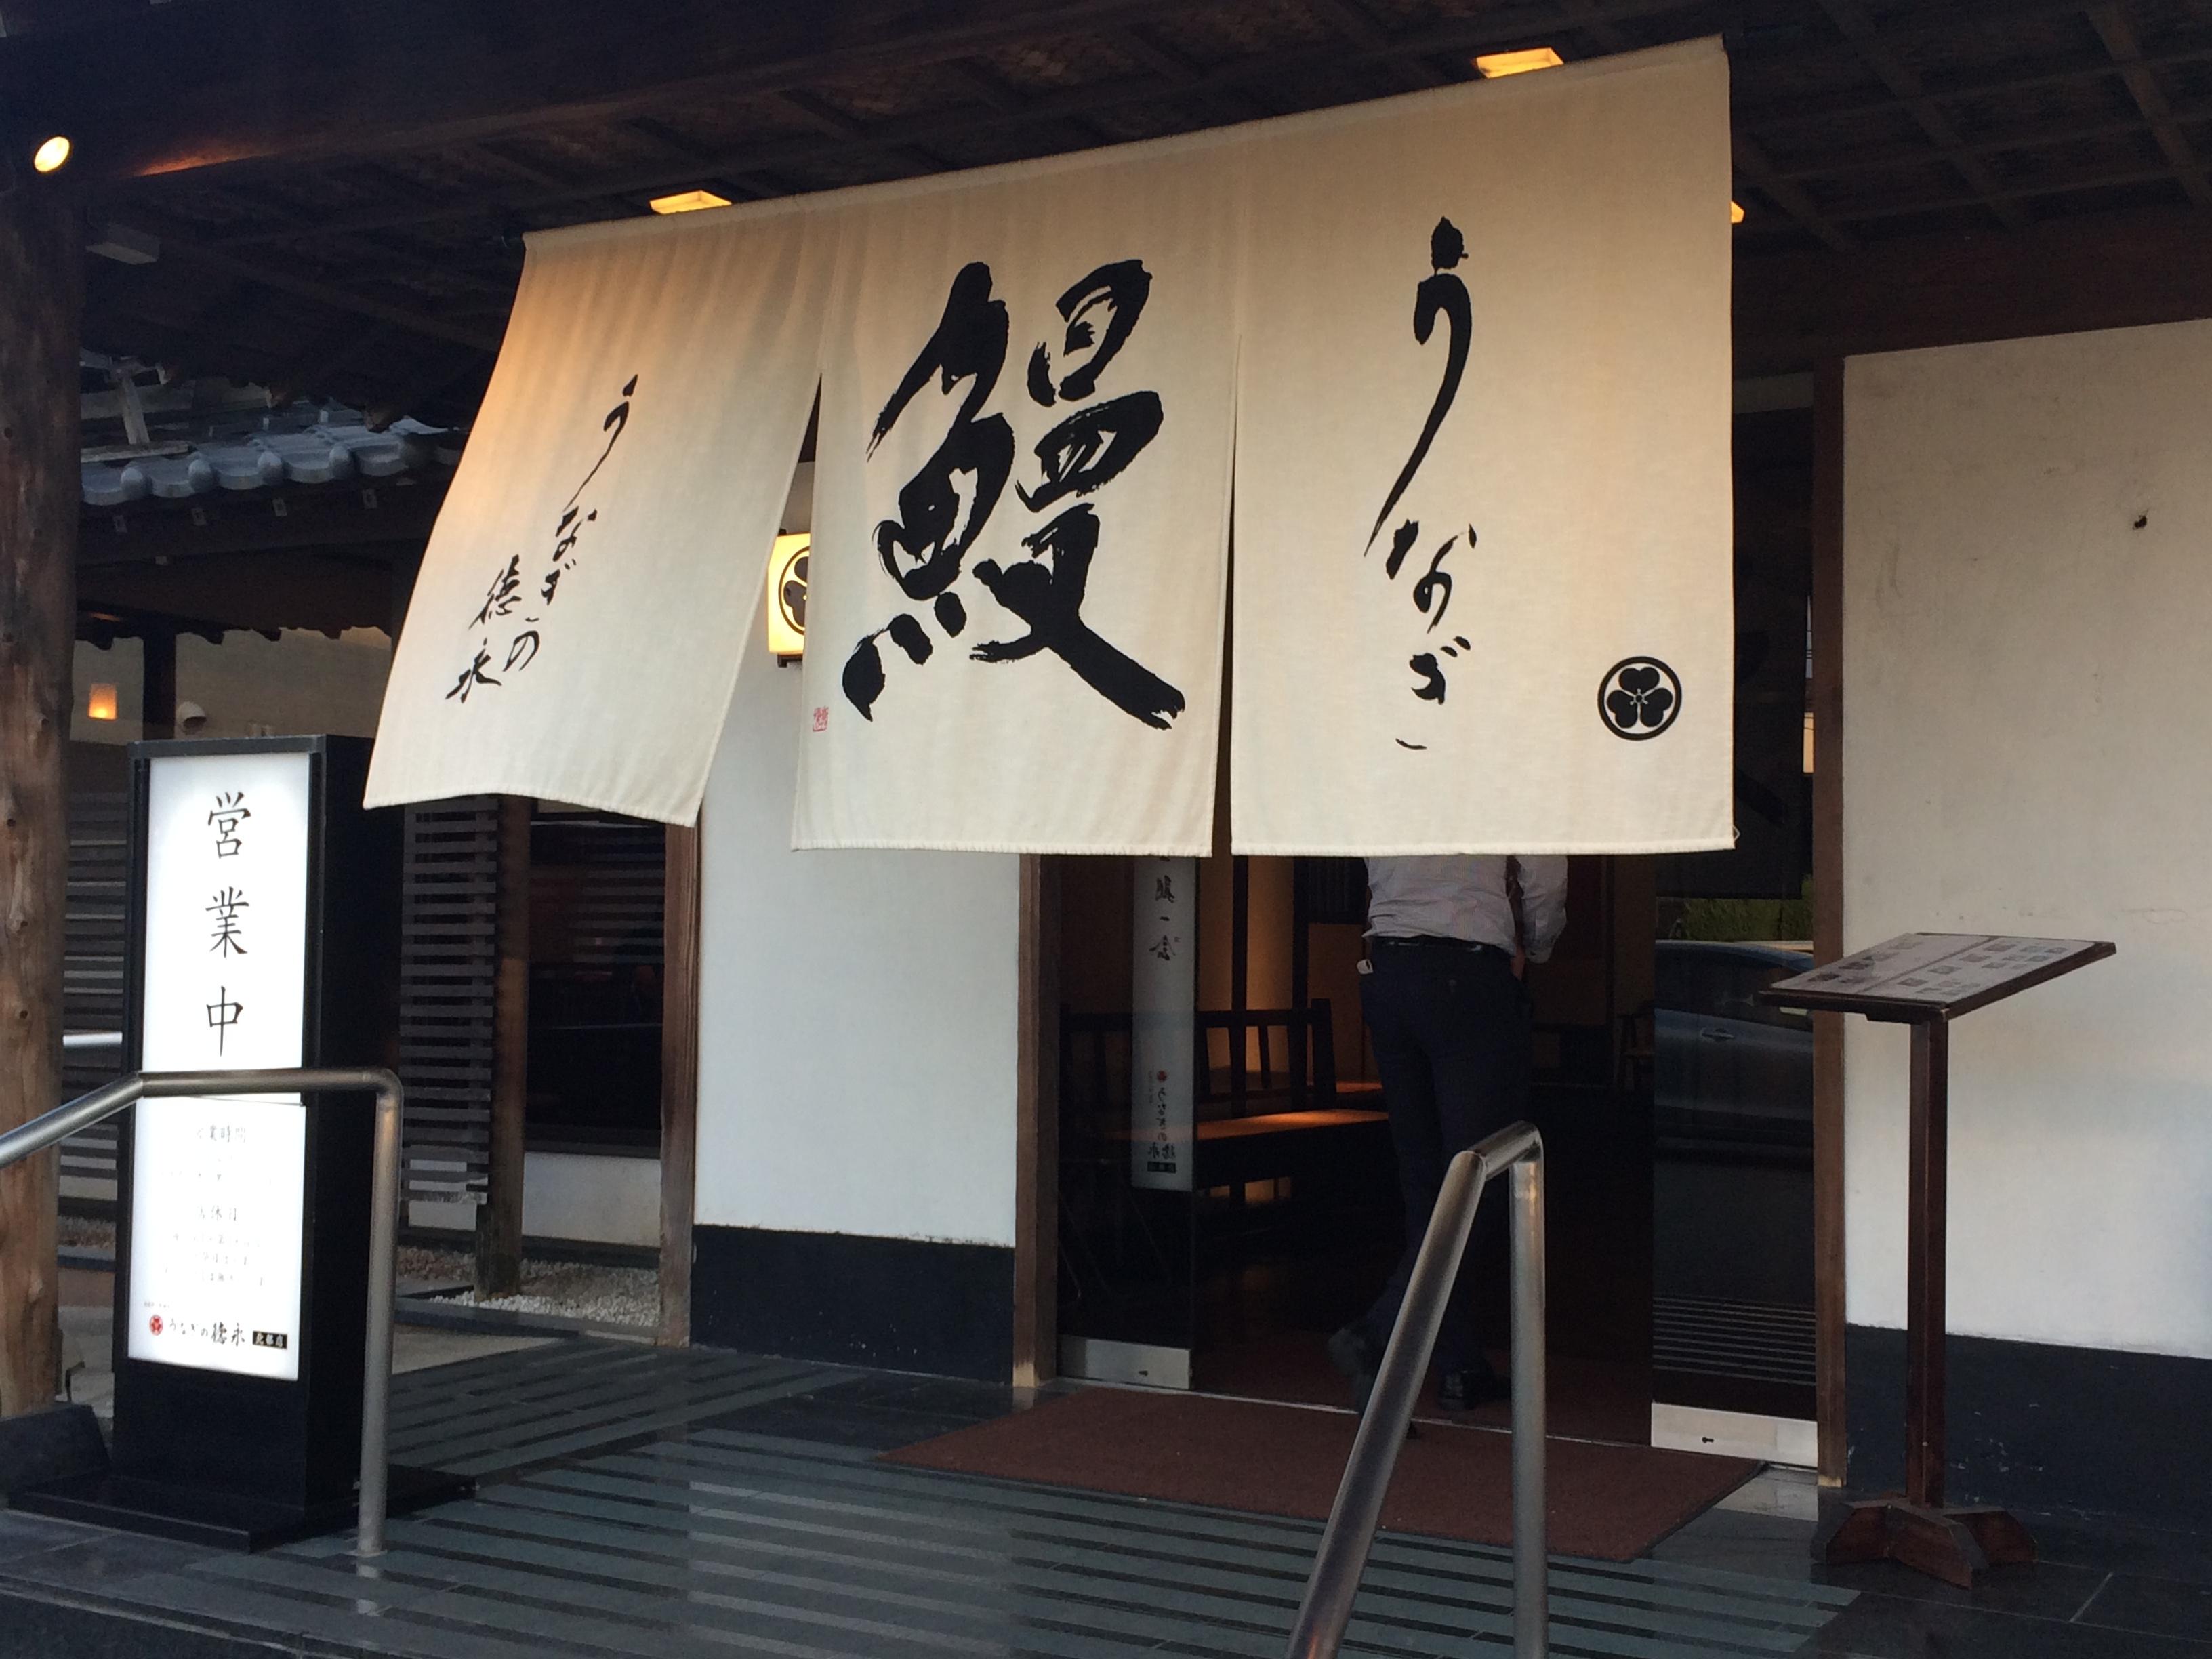 【うなぎの徳永 北部店】熊本メニュー@個室で上質なうなぎを堪能